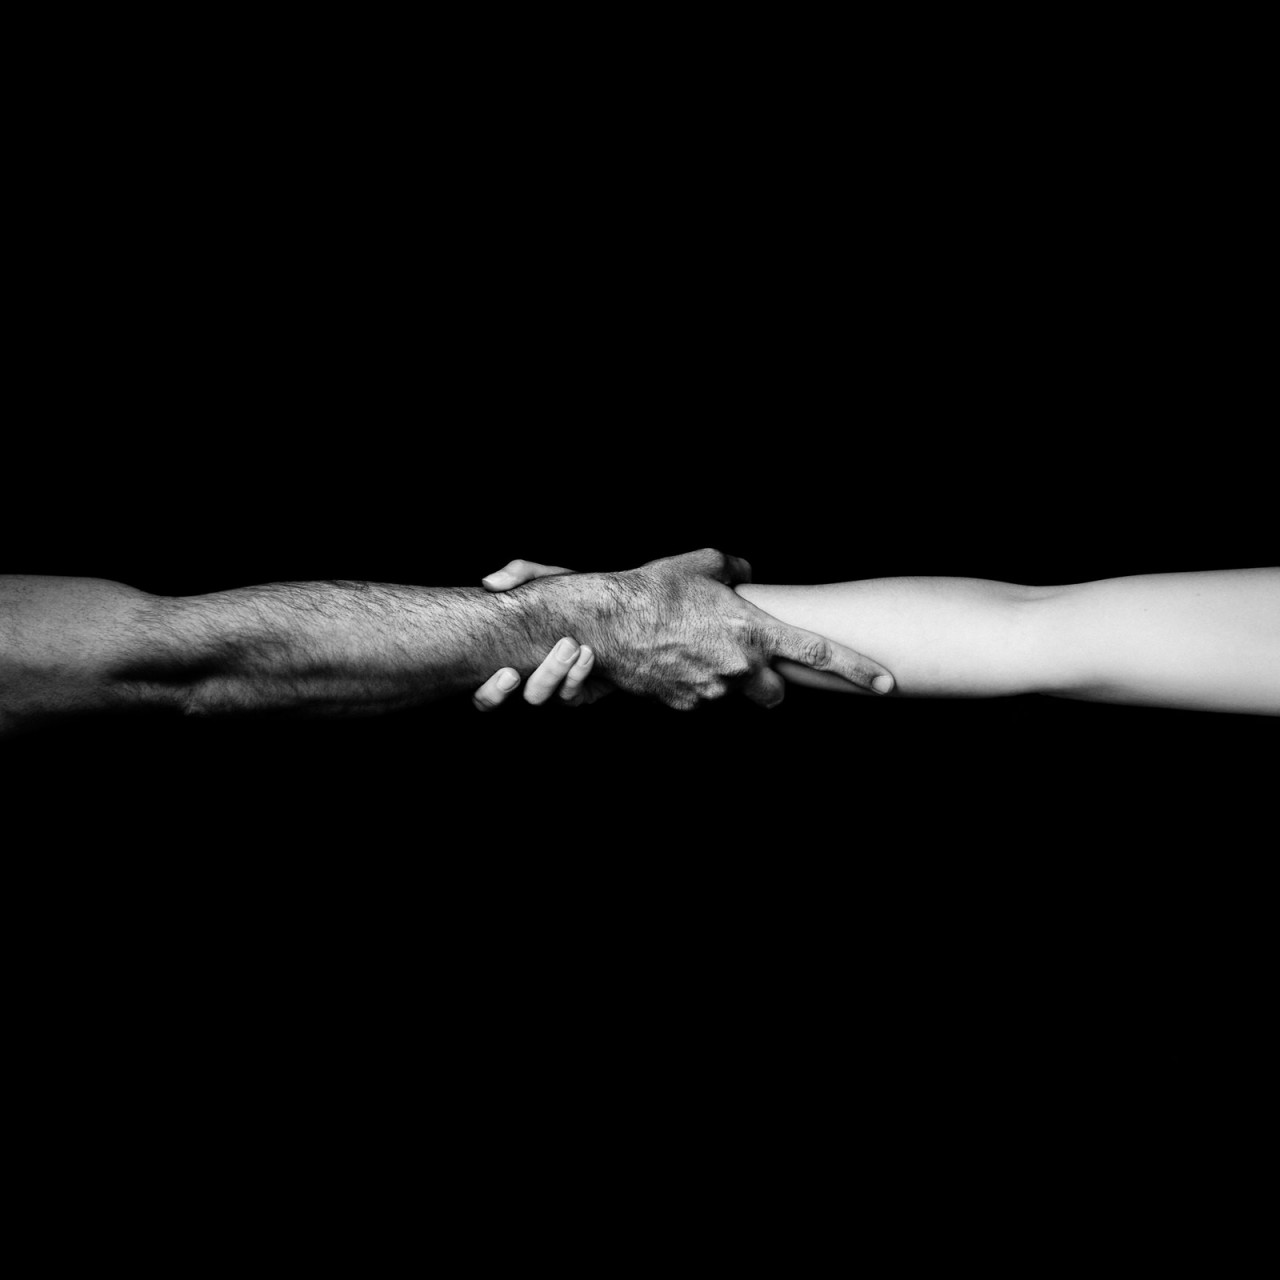 «Удержи меня». Автор Бенуа Корти